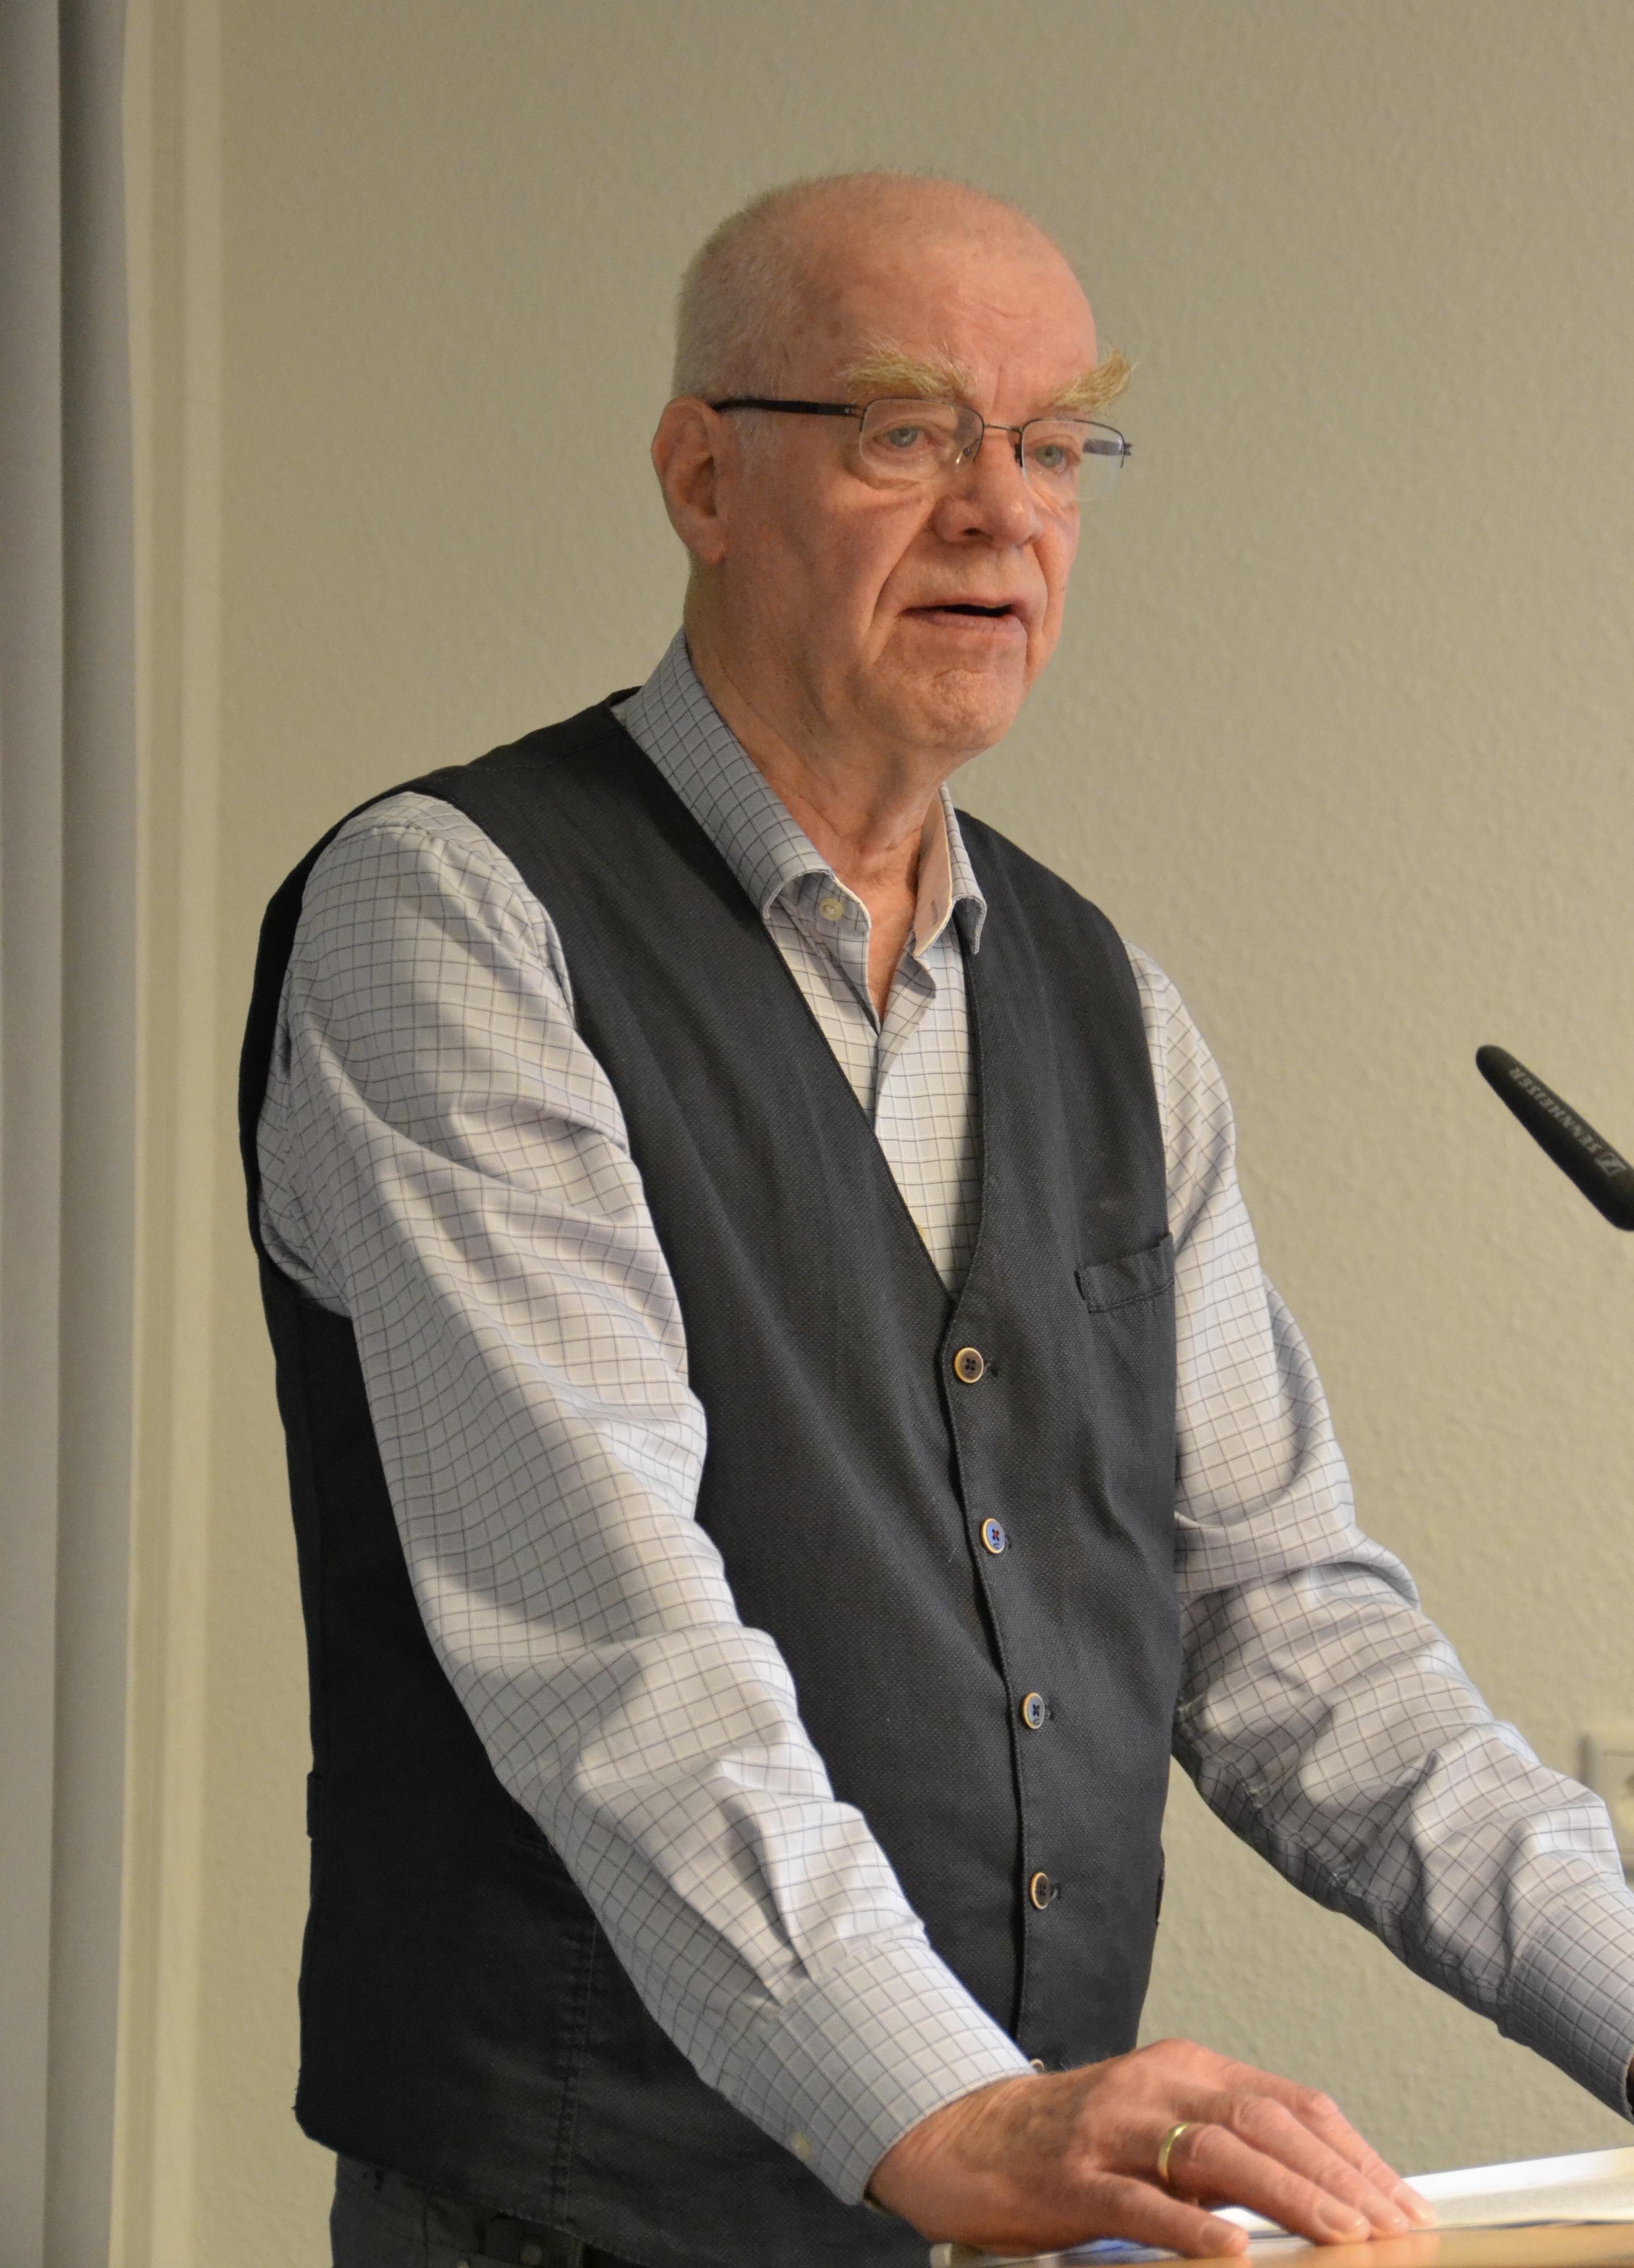 Ein großer älterer Herr mit weißen kurzgeschorenen Haaren und Brille, der ein helles Hemd und eine dunkle Weste darüber trägt, spricht in ein Mikro.